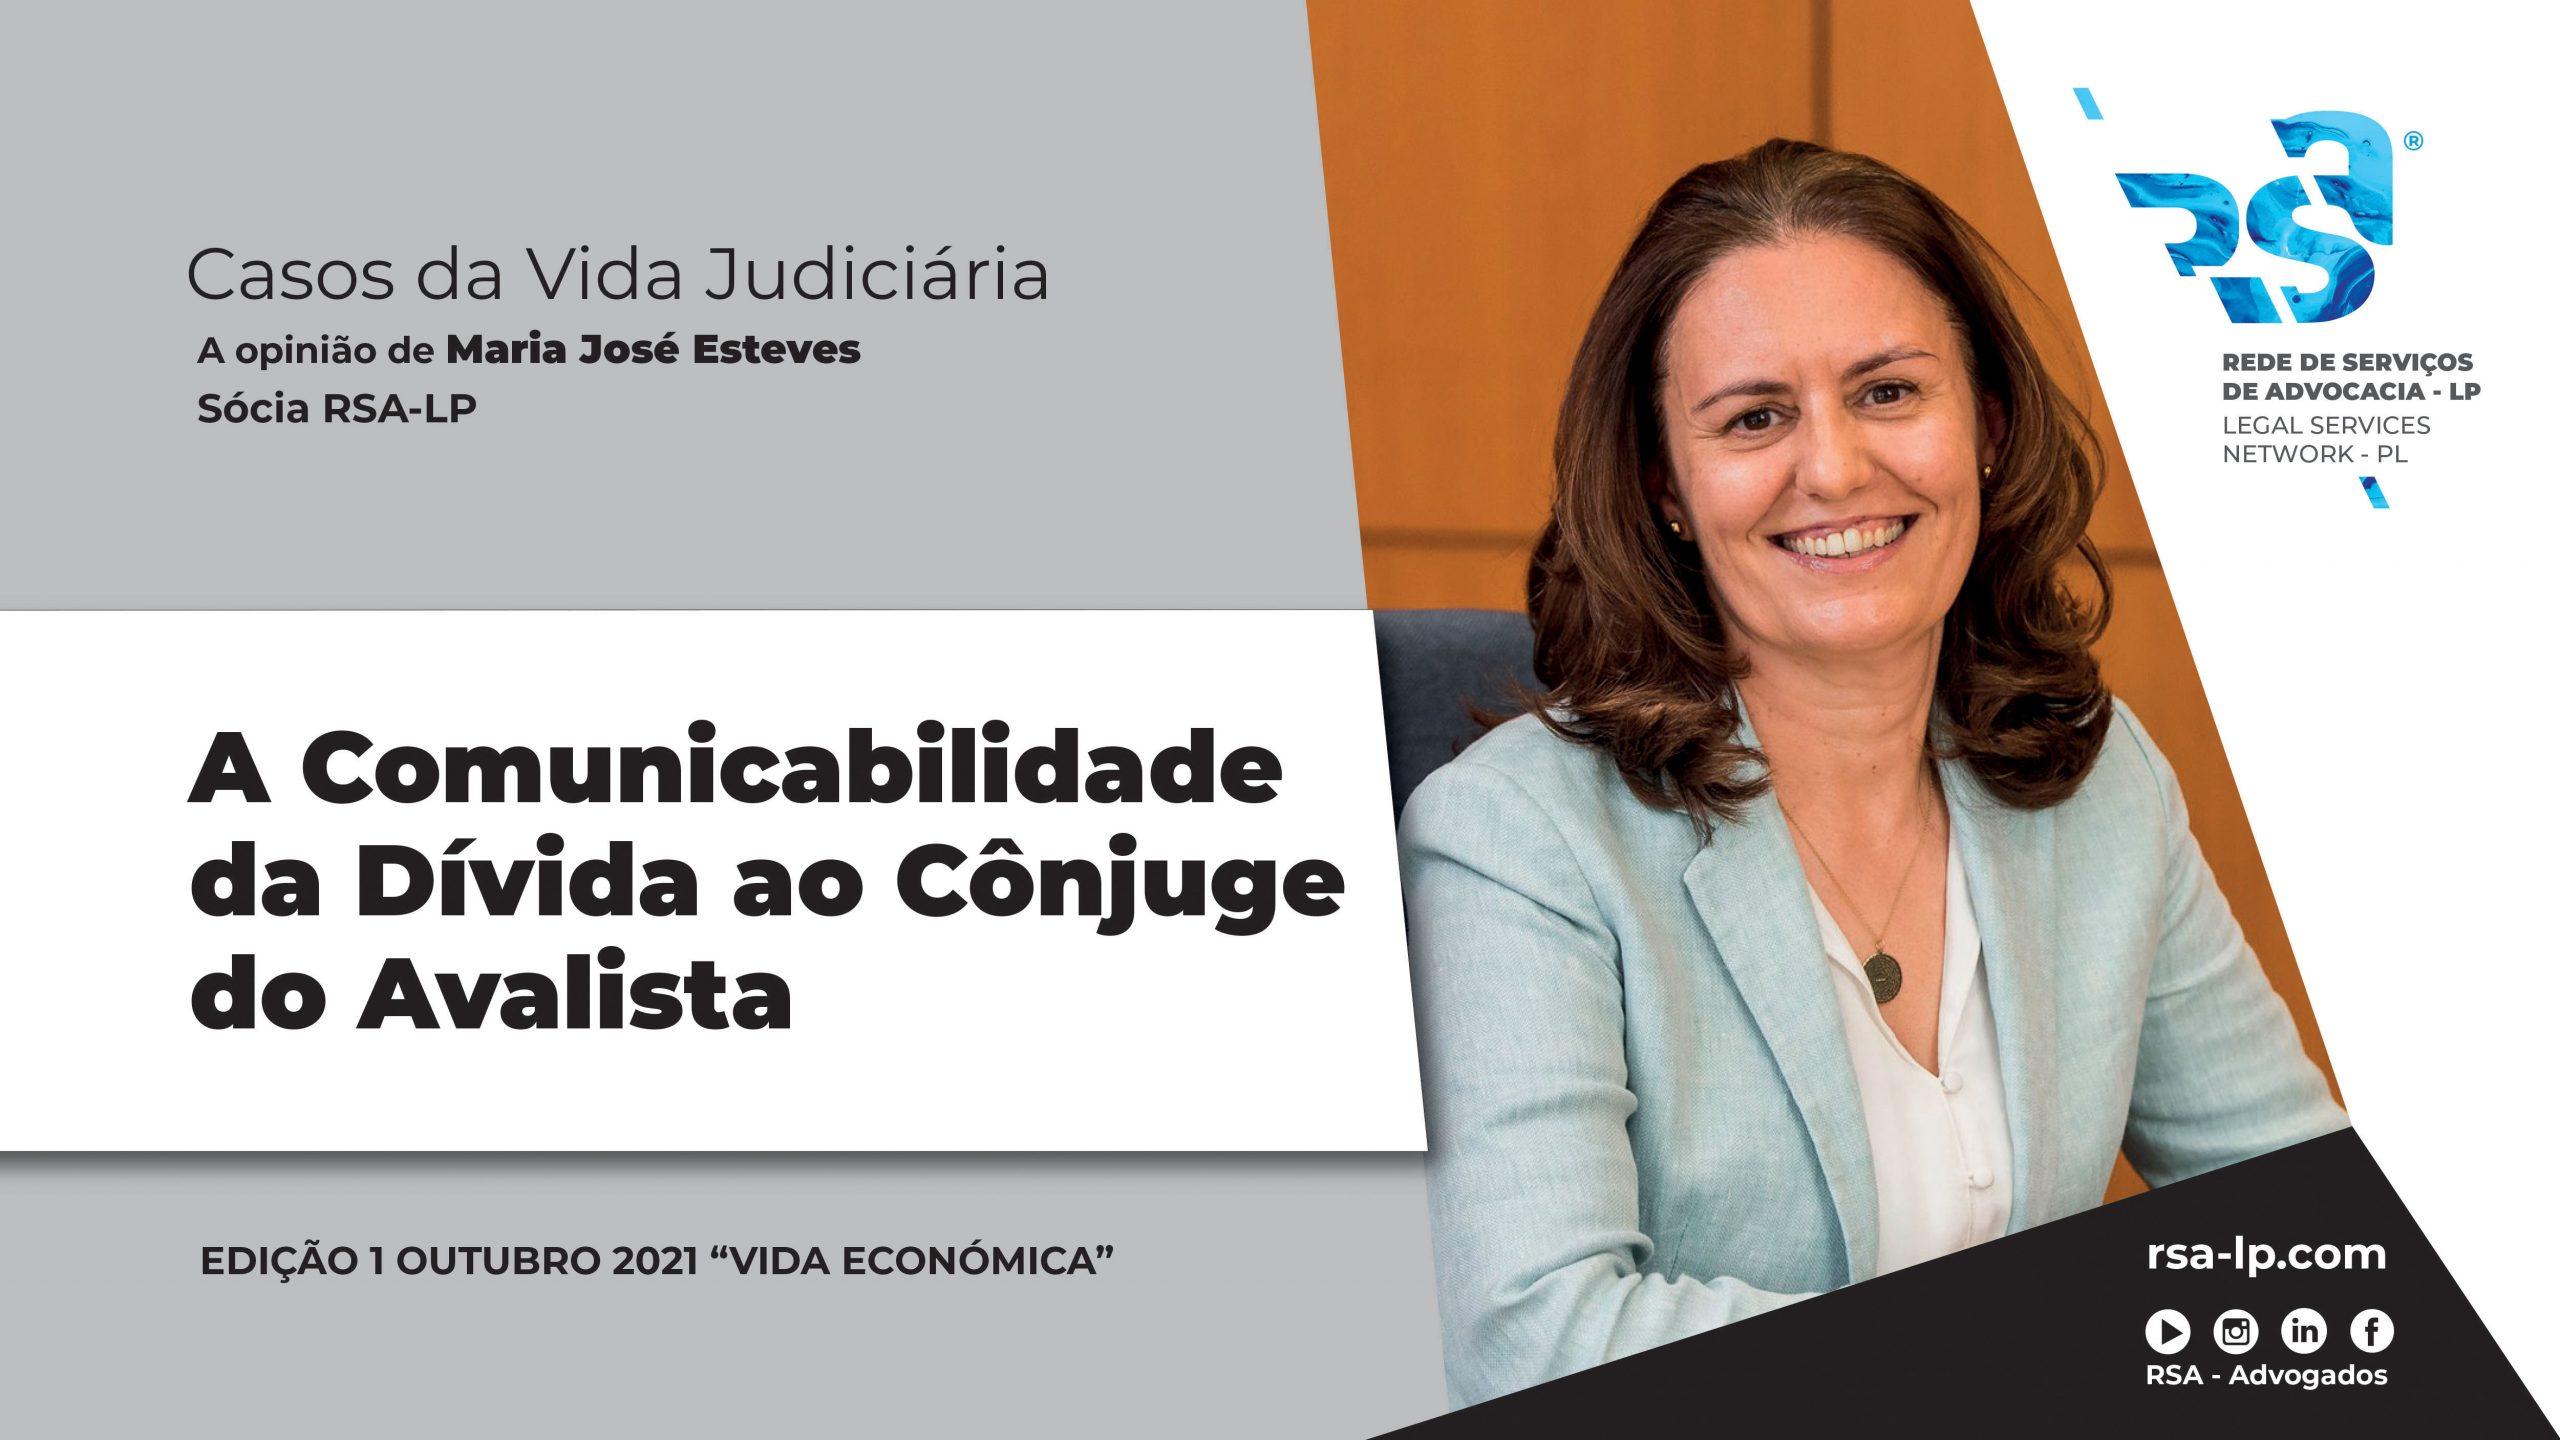 A Comunicabilidade da Dívida ao Cônjuge do Avalista